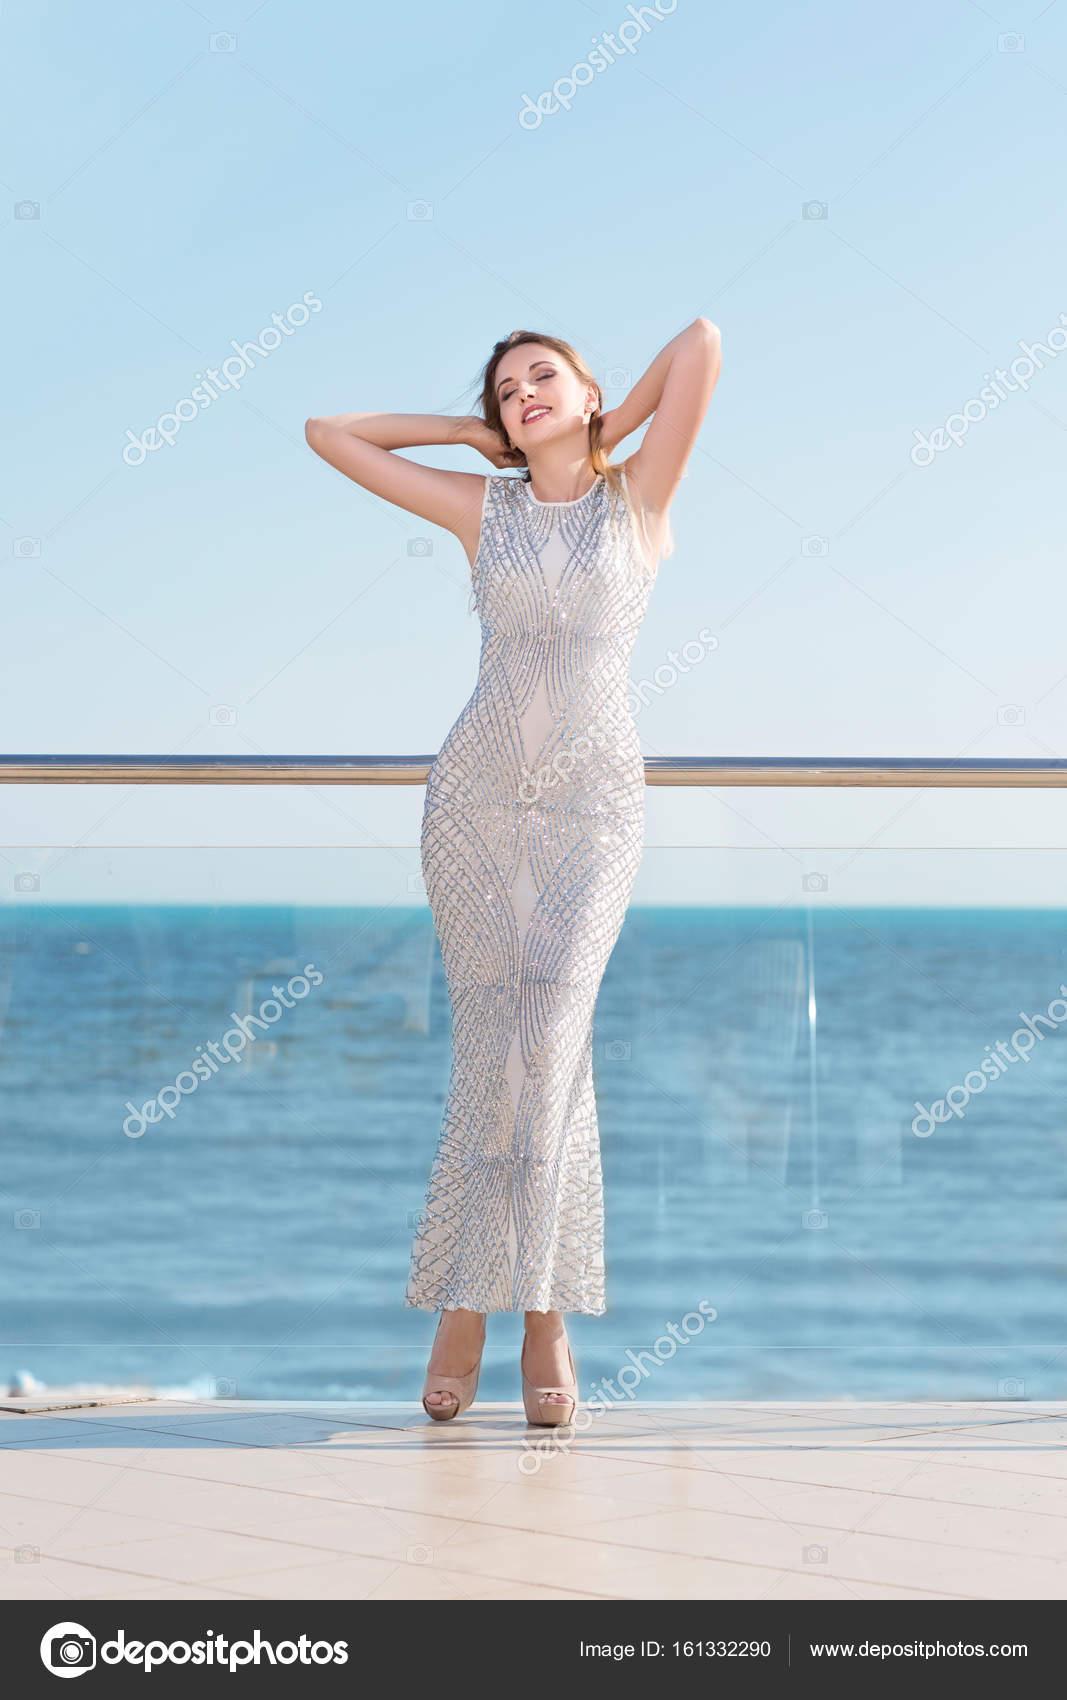 b7954c93a3f Une femme séduisante dans une fantastique robe blanche sur un fond bleu vif  de la mer ...